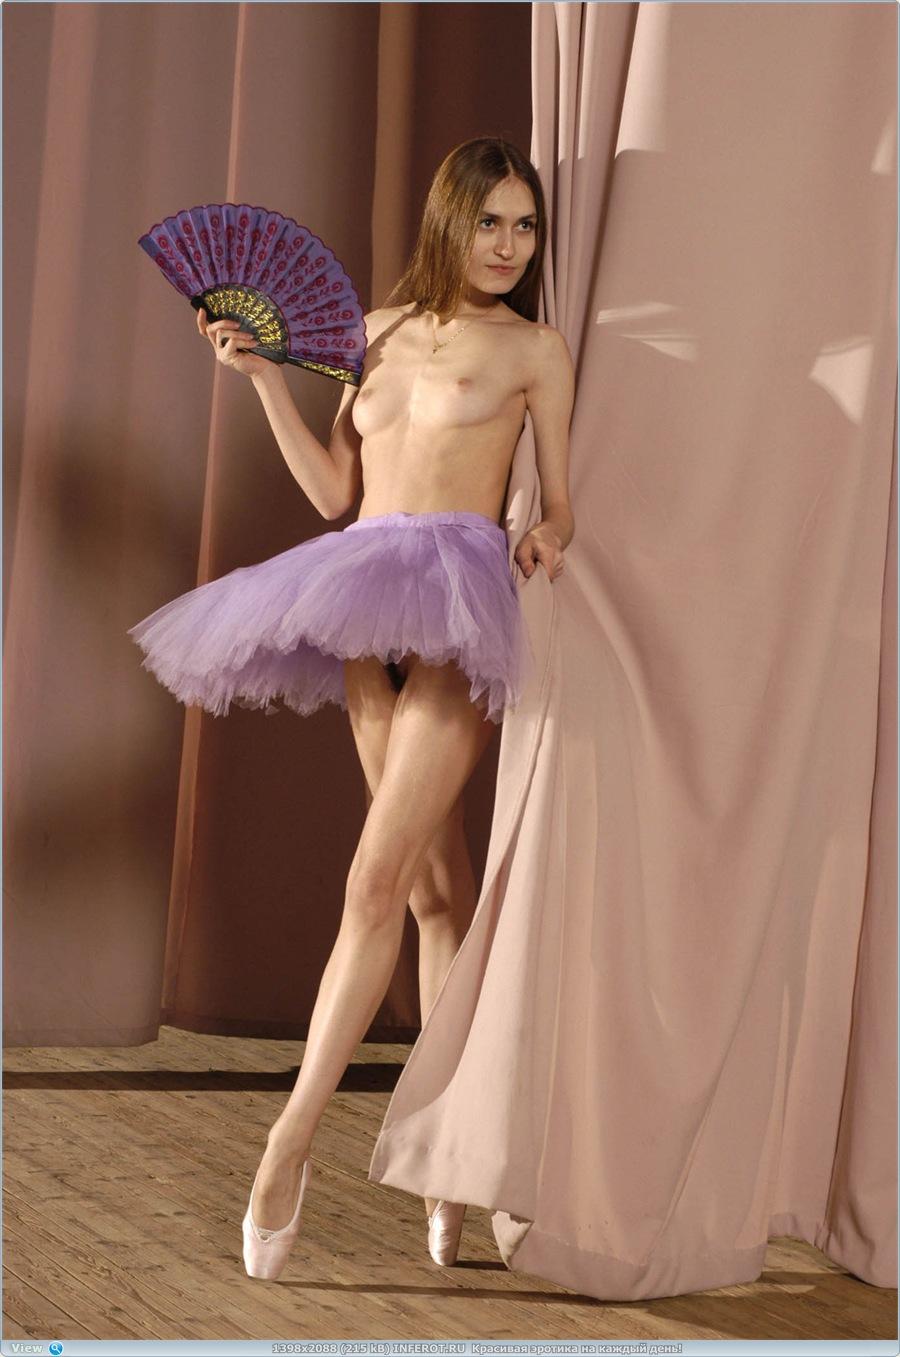 Эротический фотосет балерины (20 фото)